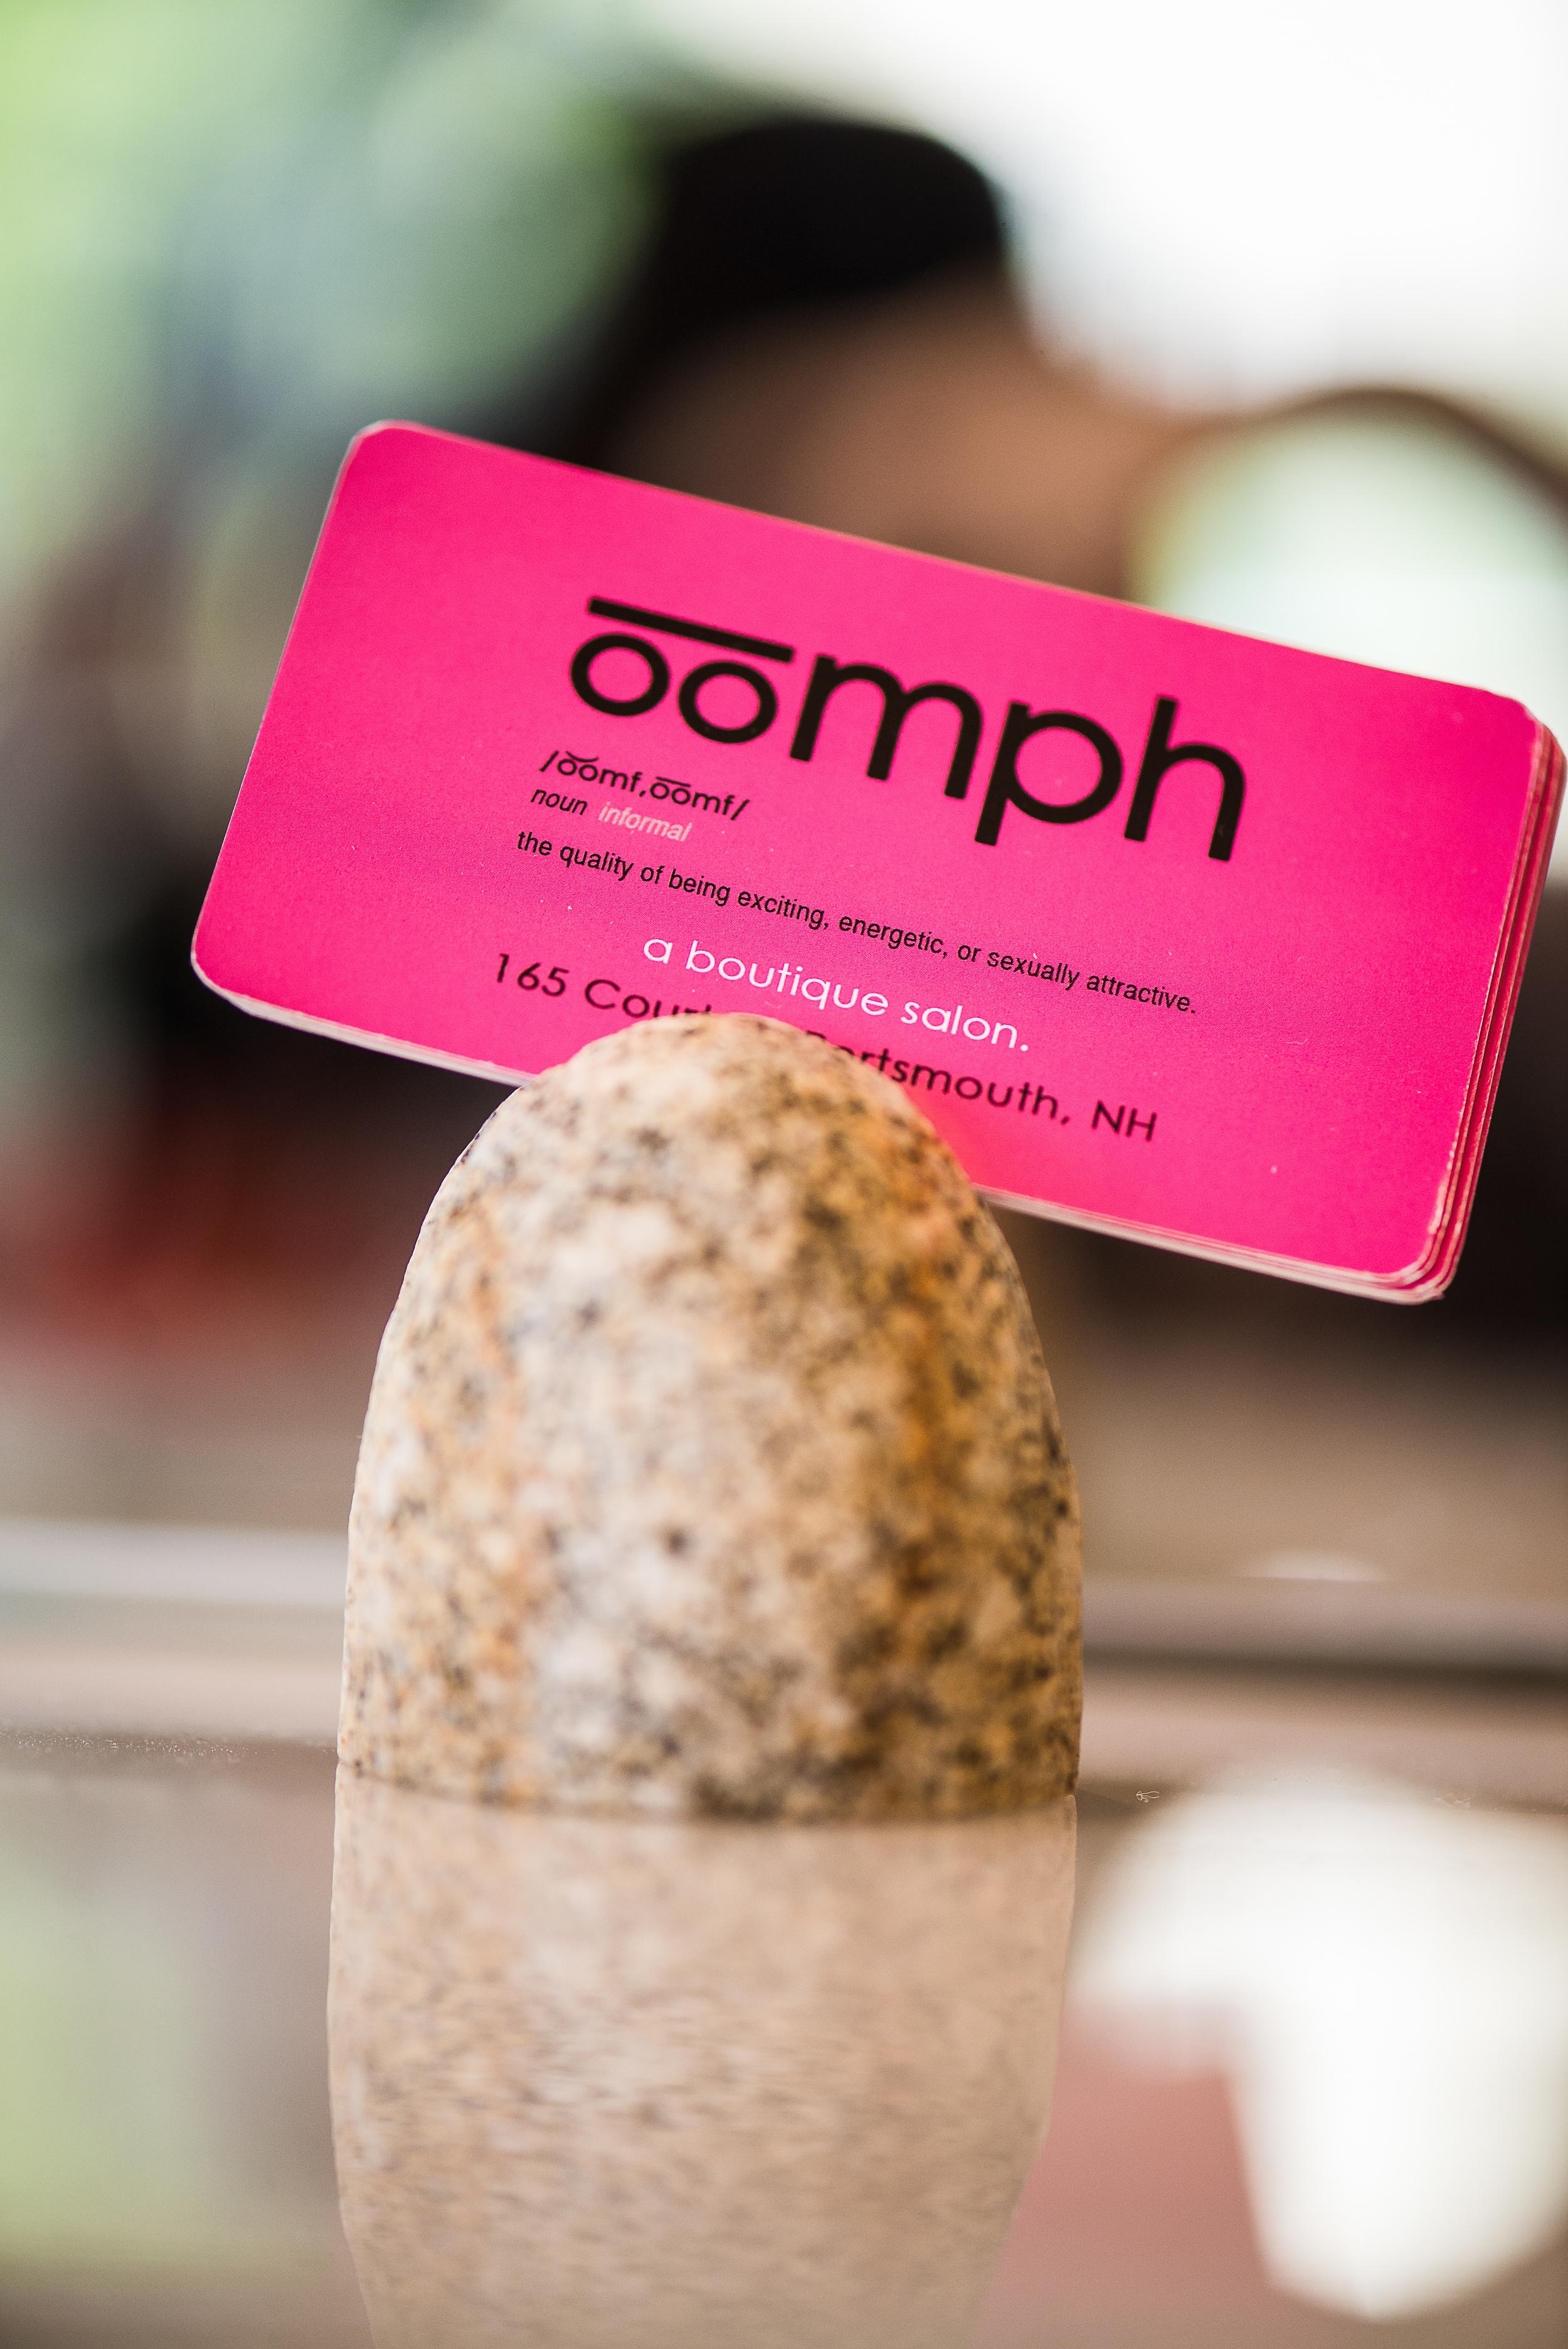 oomph-825.jpg